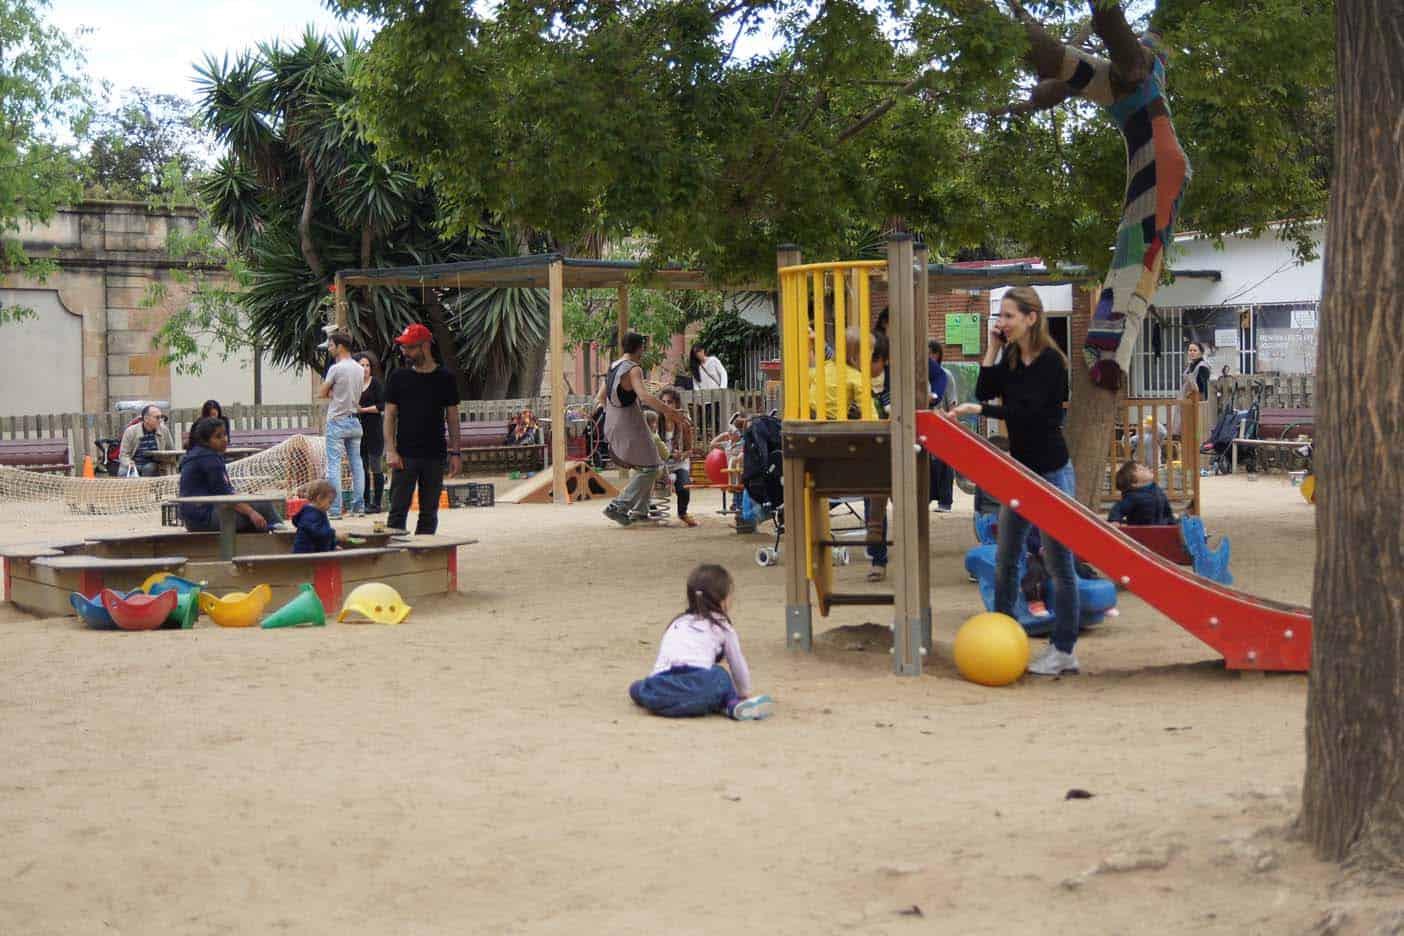 Park de la Ciutadella barcelona parken